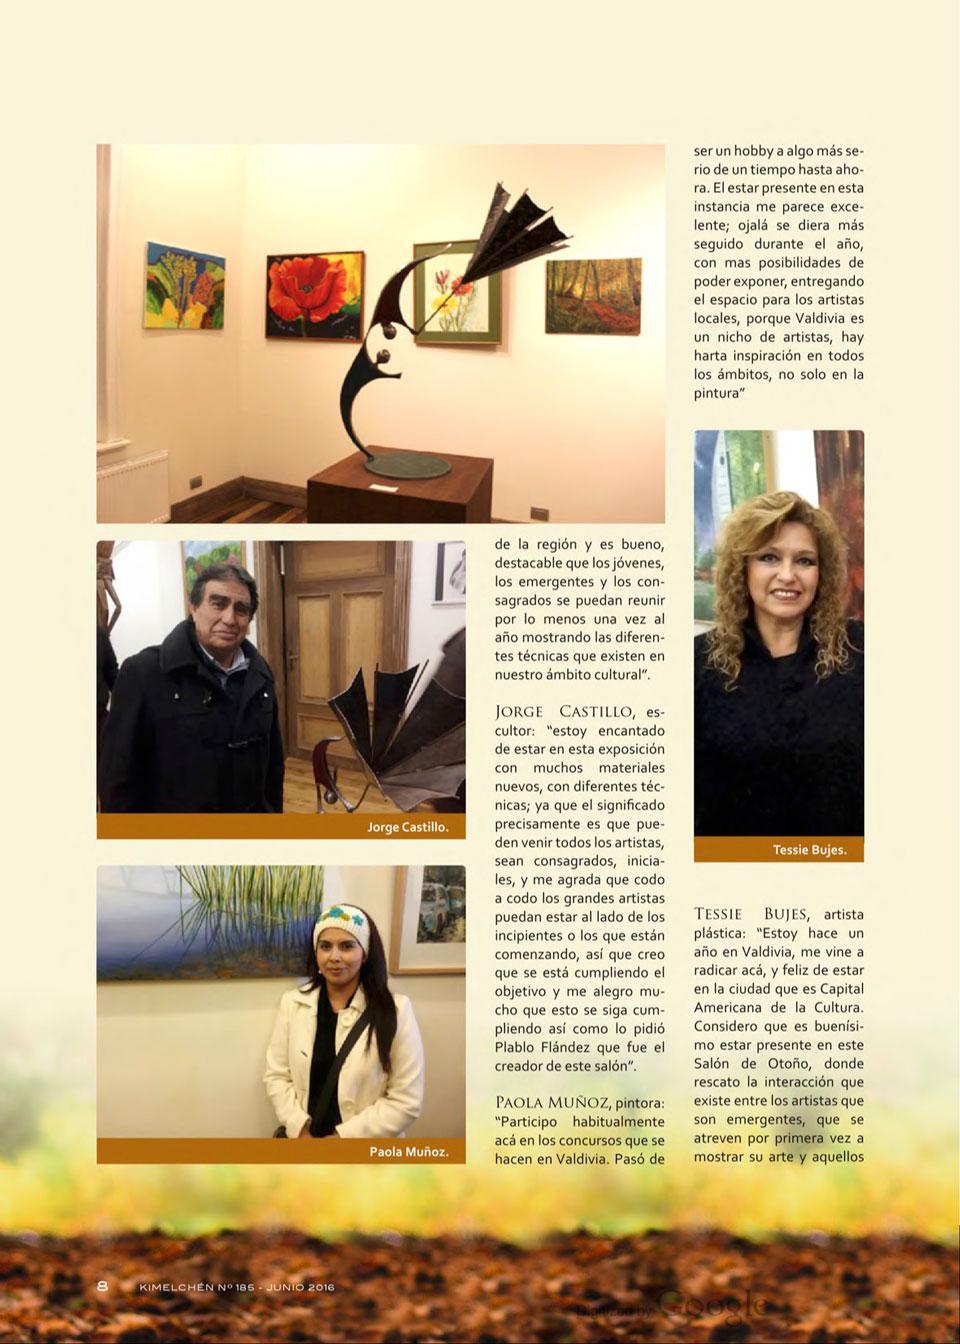 artevaldivia-noticias--de-arte-Revista-Kimelchen-Junio-2016